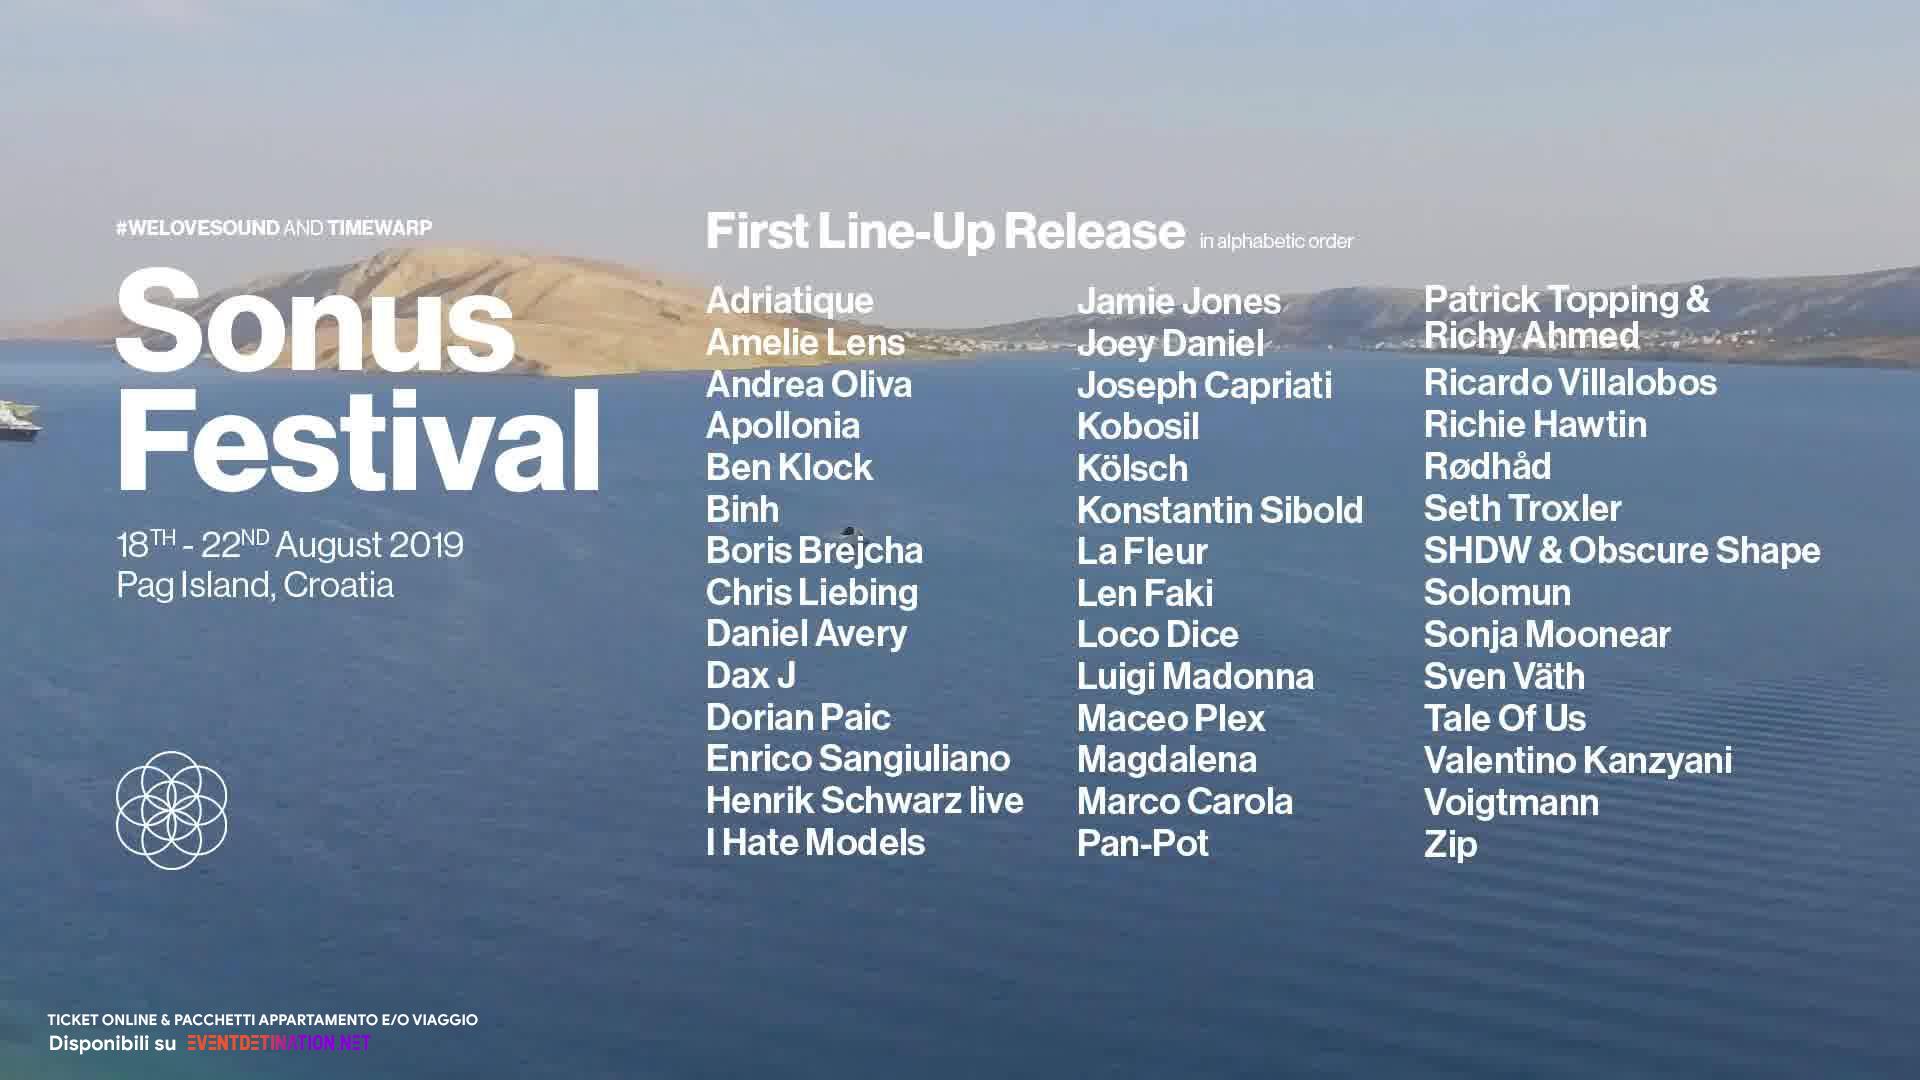 sonus festival 2019 ticket e pacchetti appartamento viaggio